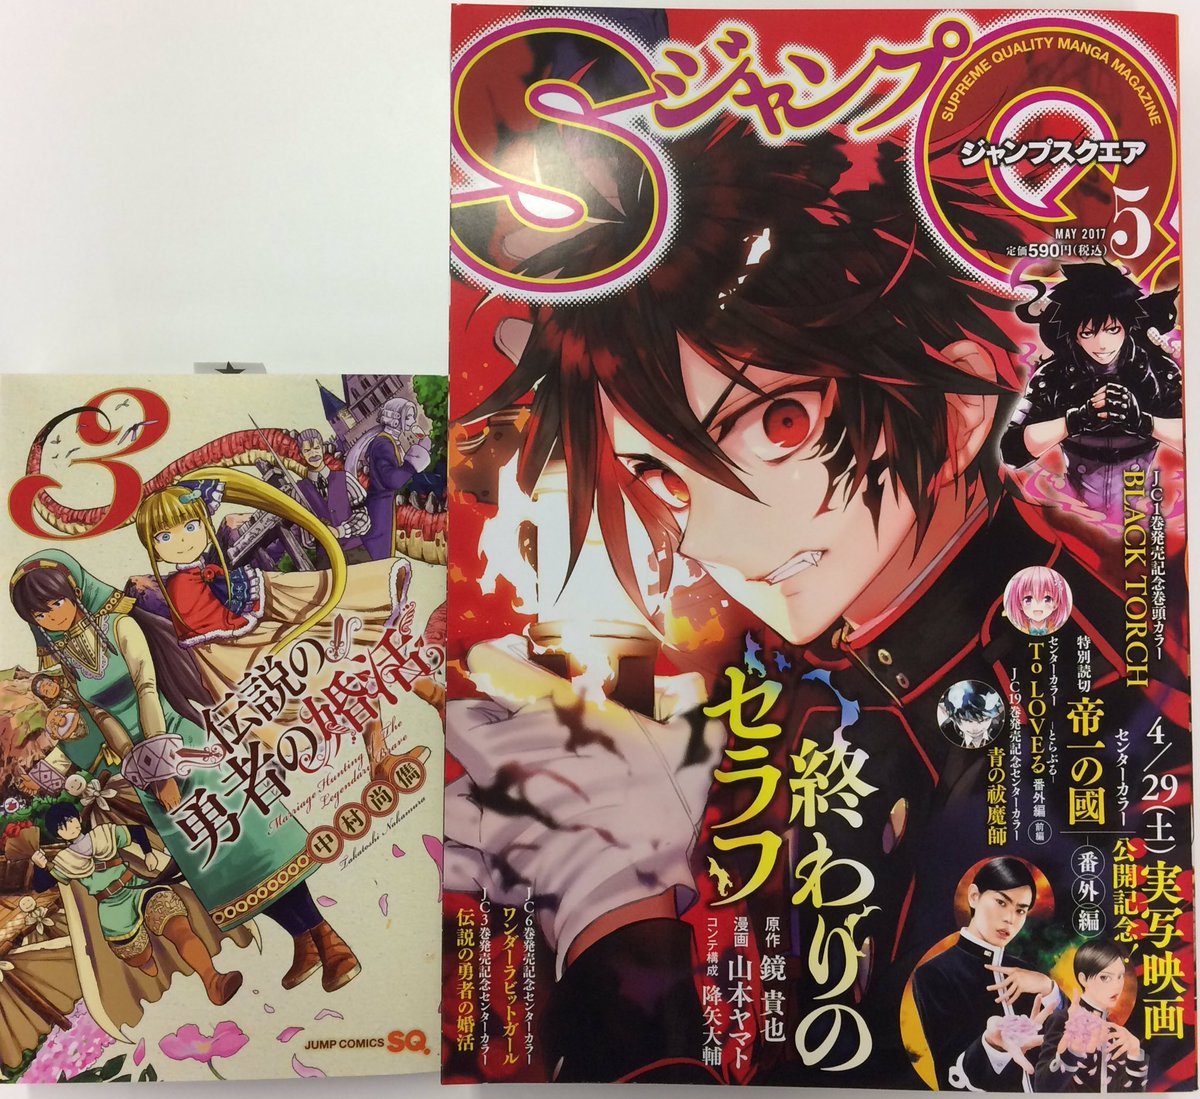 ジャンプスクエア5月号&ジャンプコミックスは本日発売‼ SQは真っ赤な『終わりのセラフ』の優一郎が表紙です!『伝説の勇者